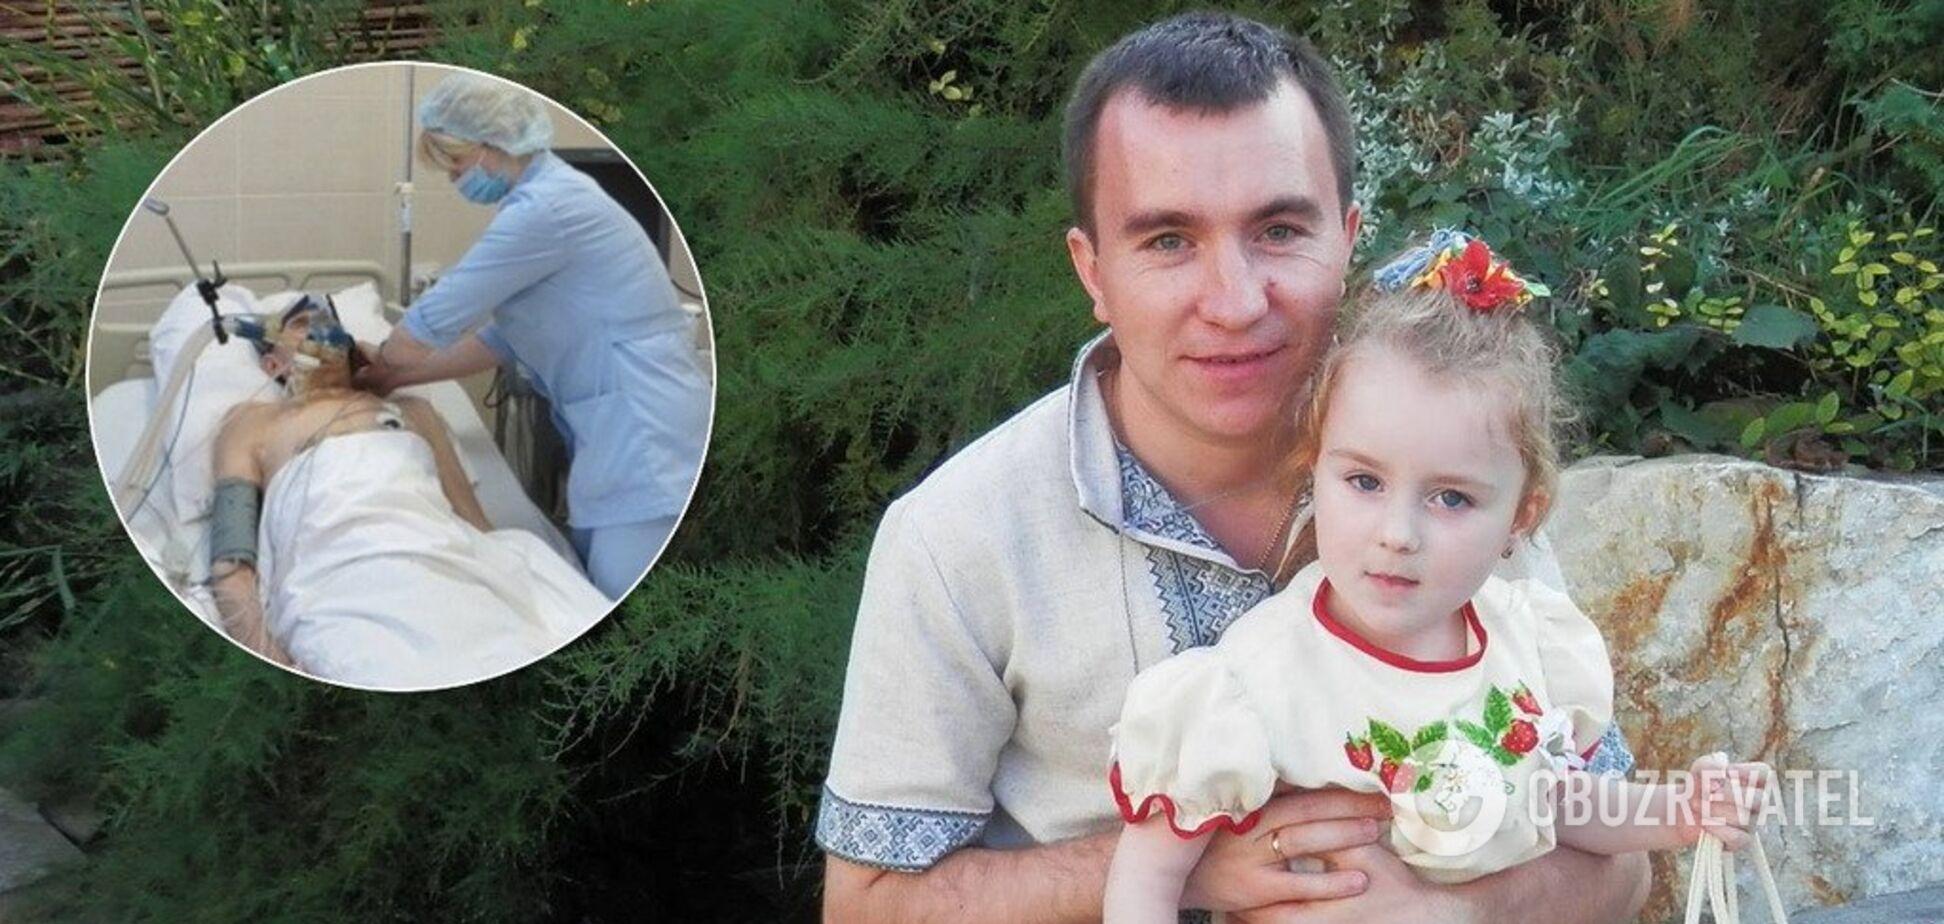 'Це Боже диво!' Голос донечки вивів українця із тривалої коми